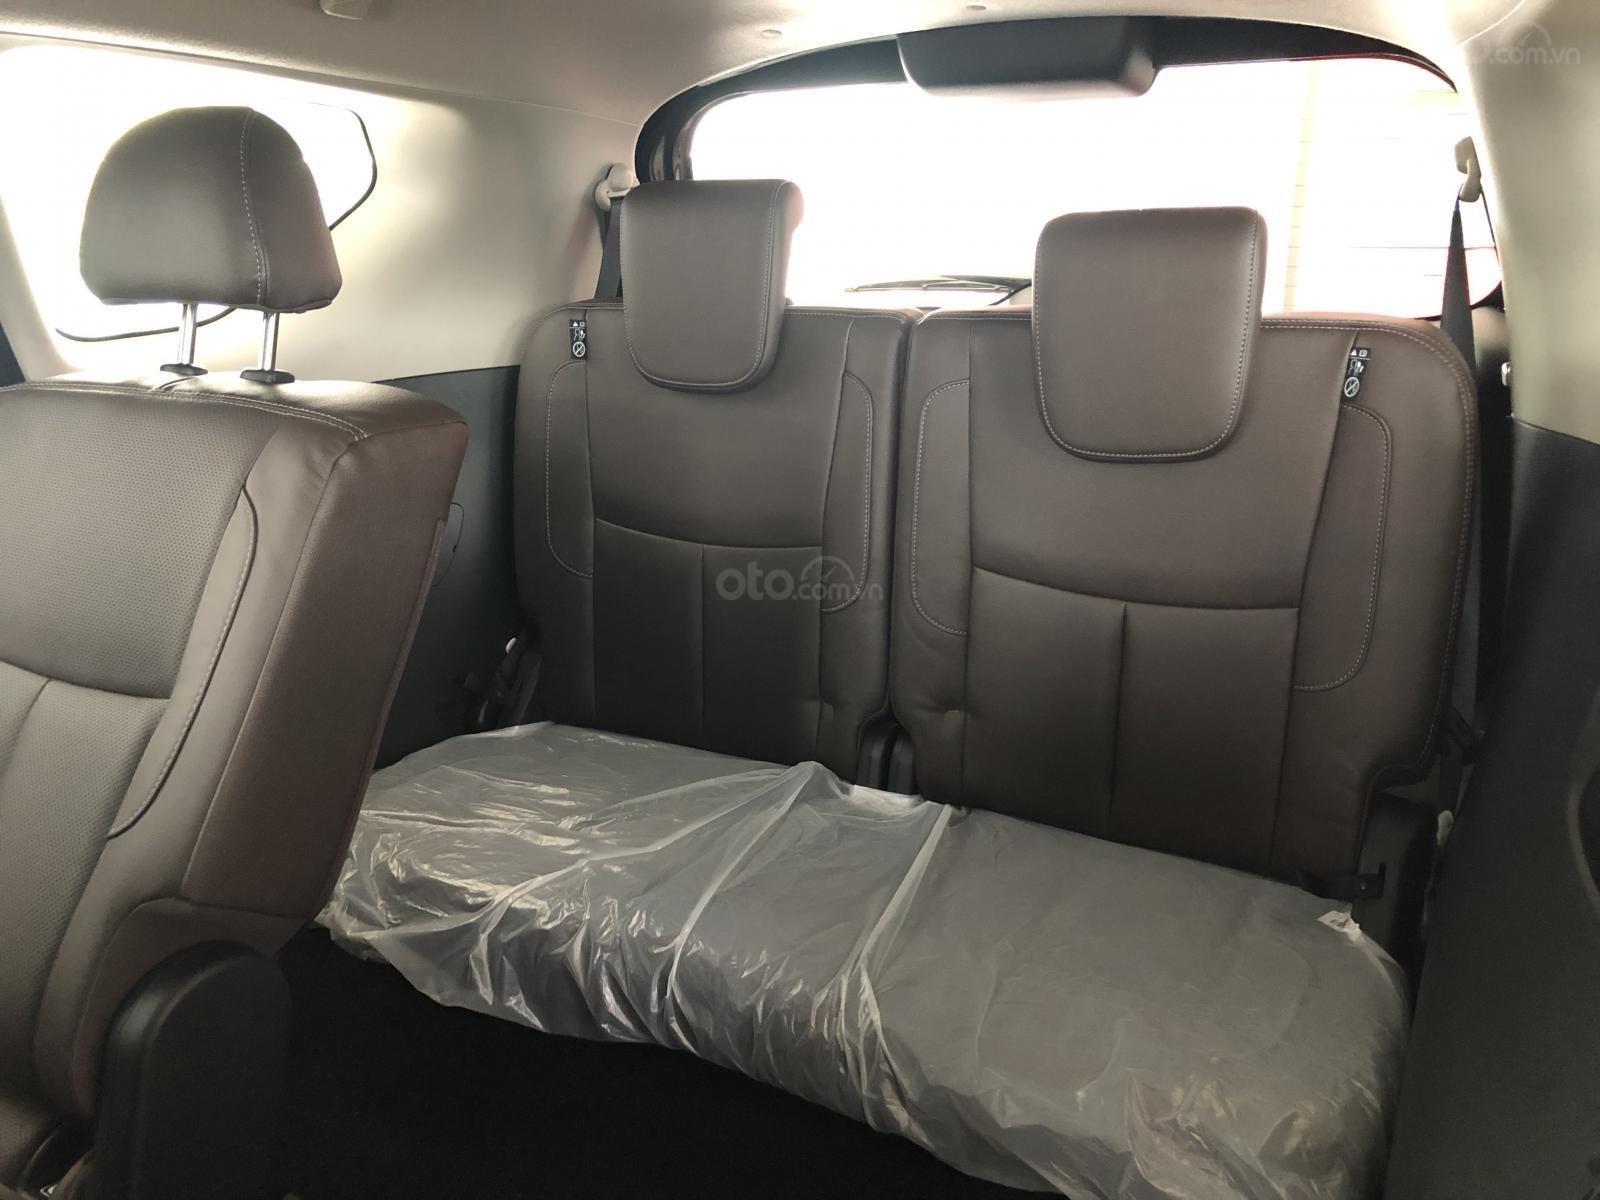 Cần bán Nissan Terra V 2.5 AT 4 WD sản xuất 2019, tặng BHVC thân xe, CTKM hấp dẫn, giao xe ngày, LH 0938 357 929-9